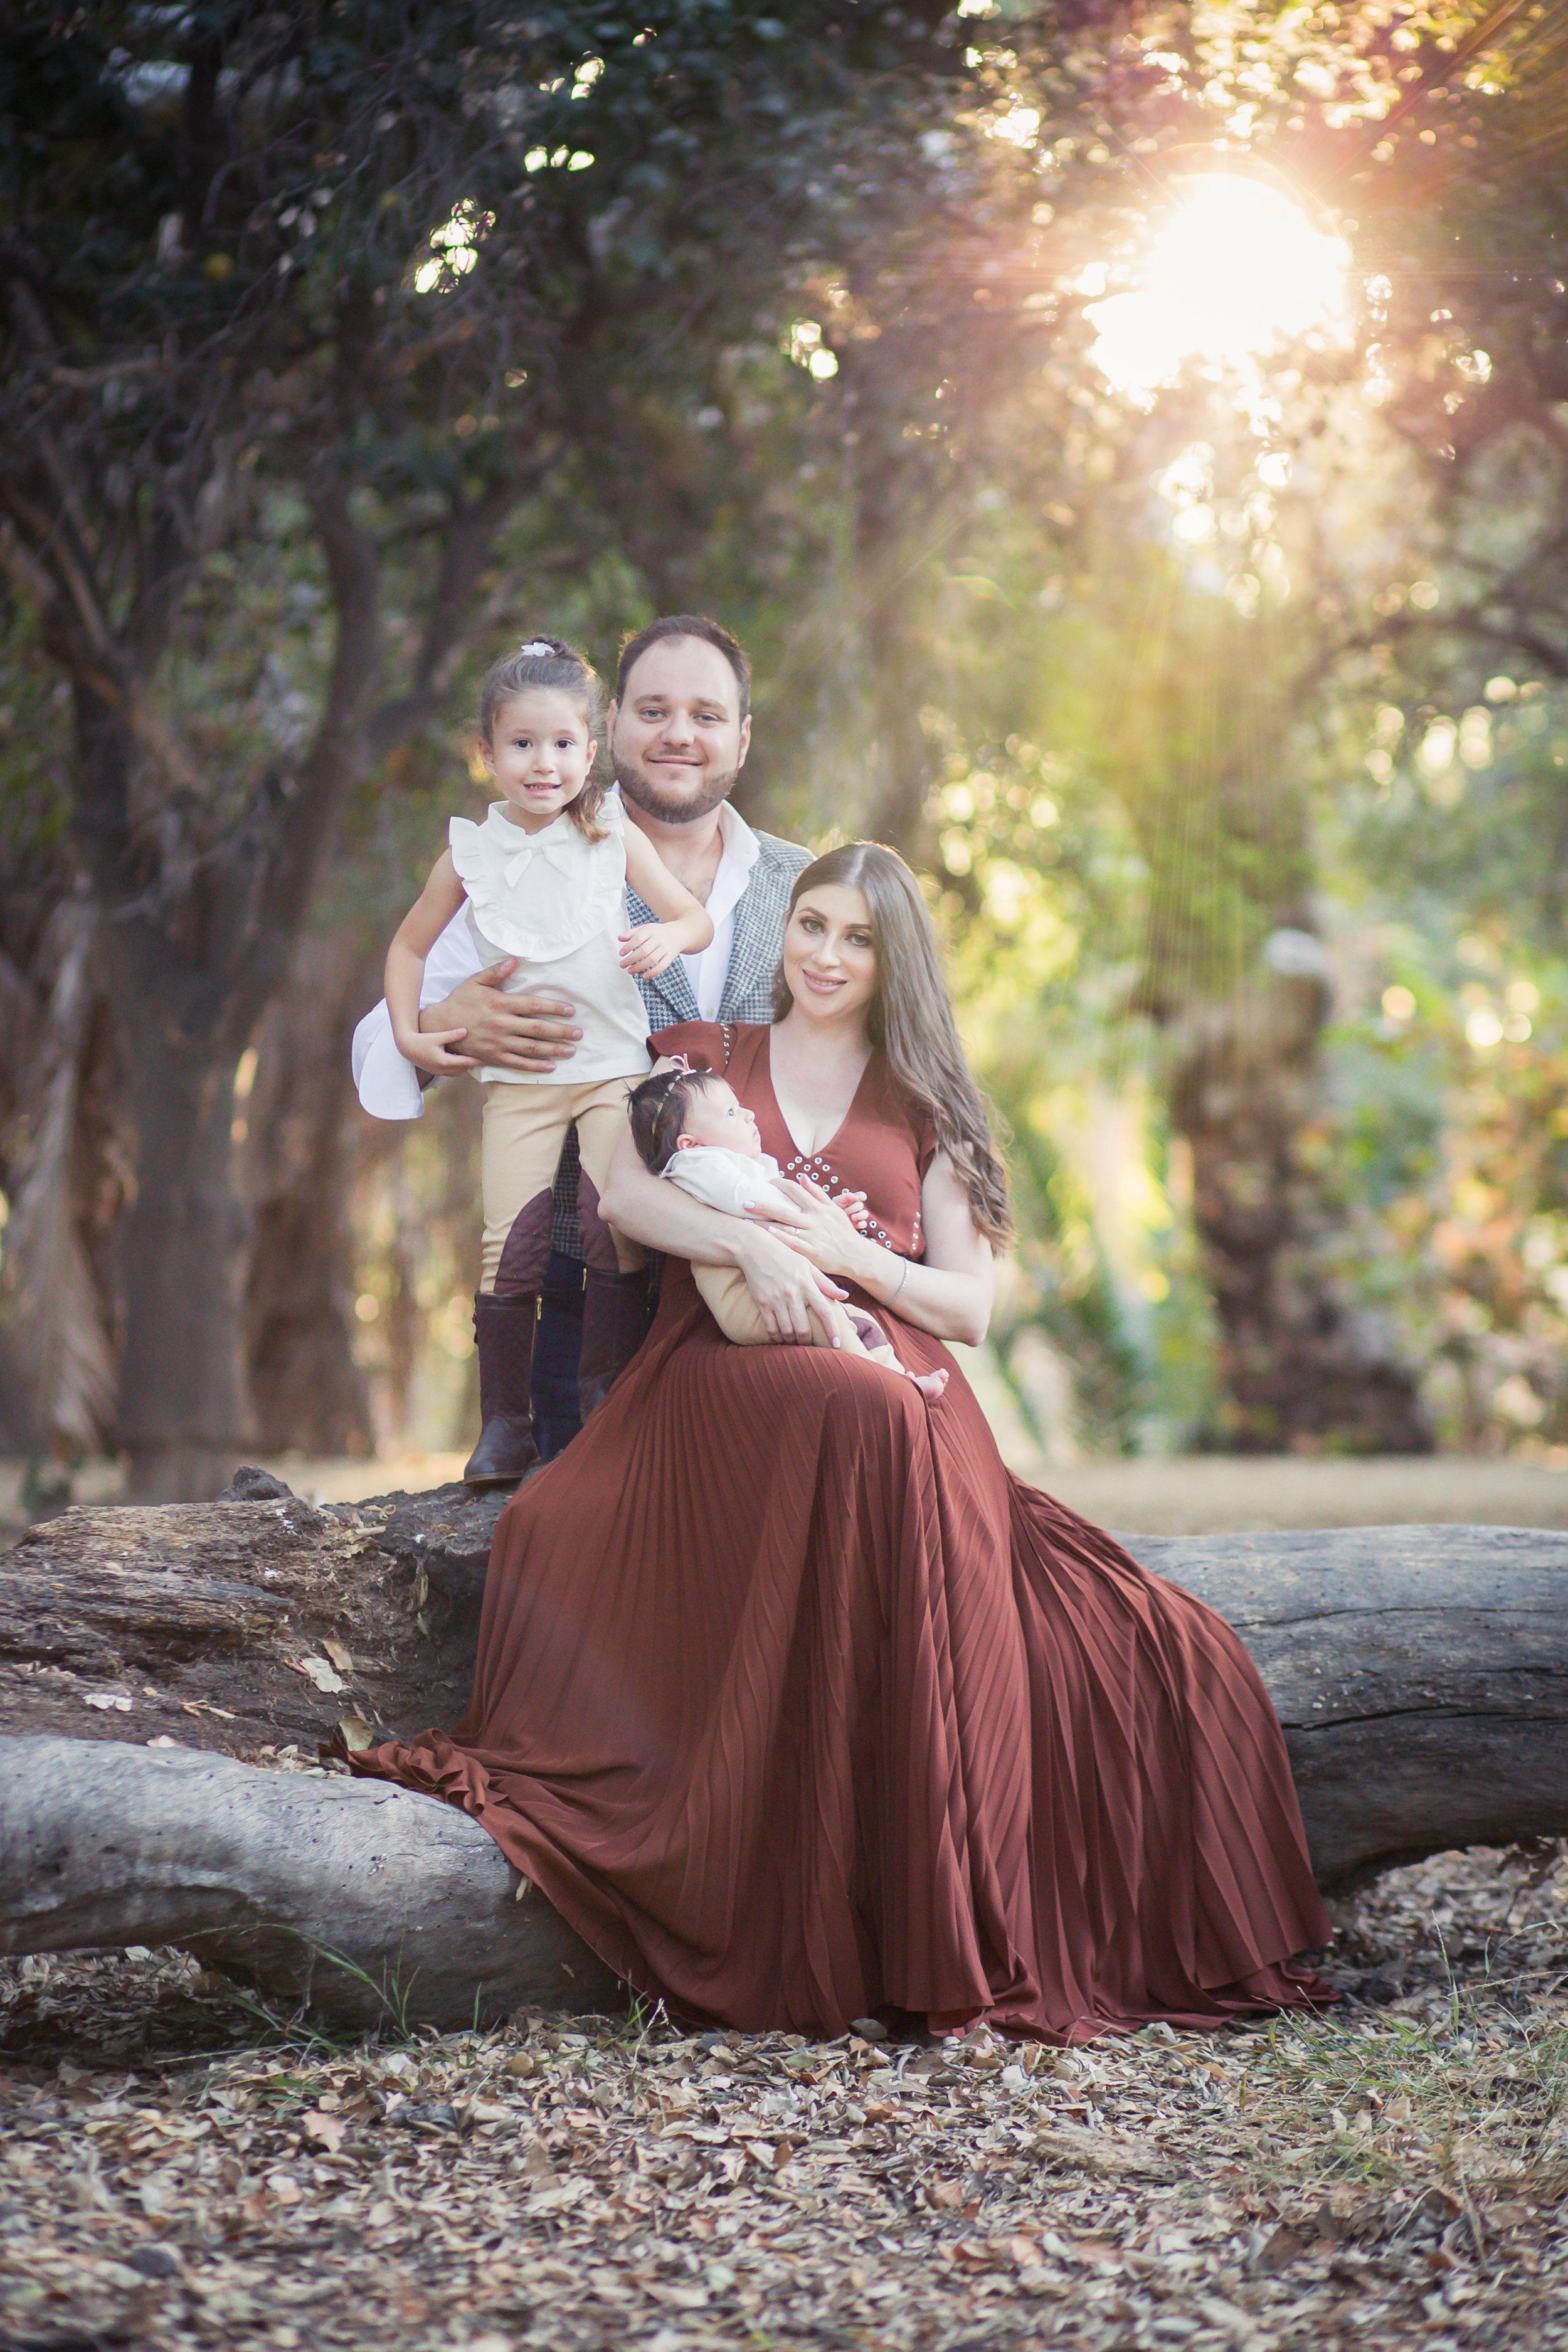 FAMILY - Bonding Moments Captured